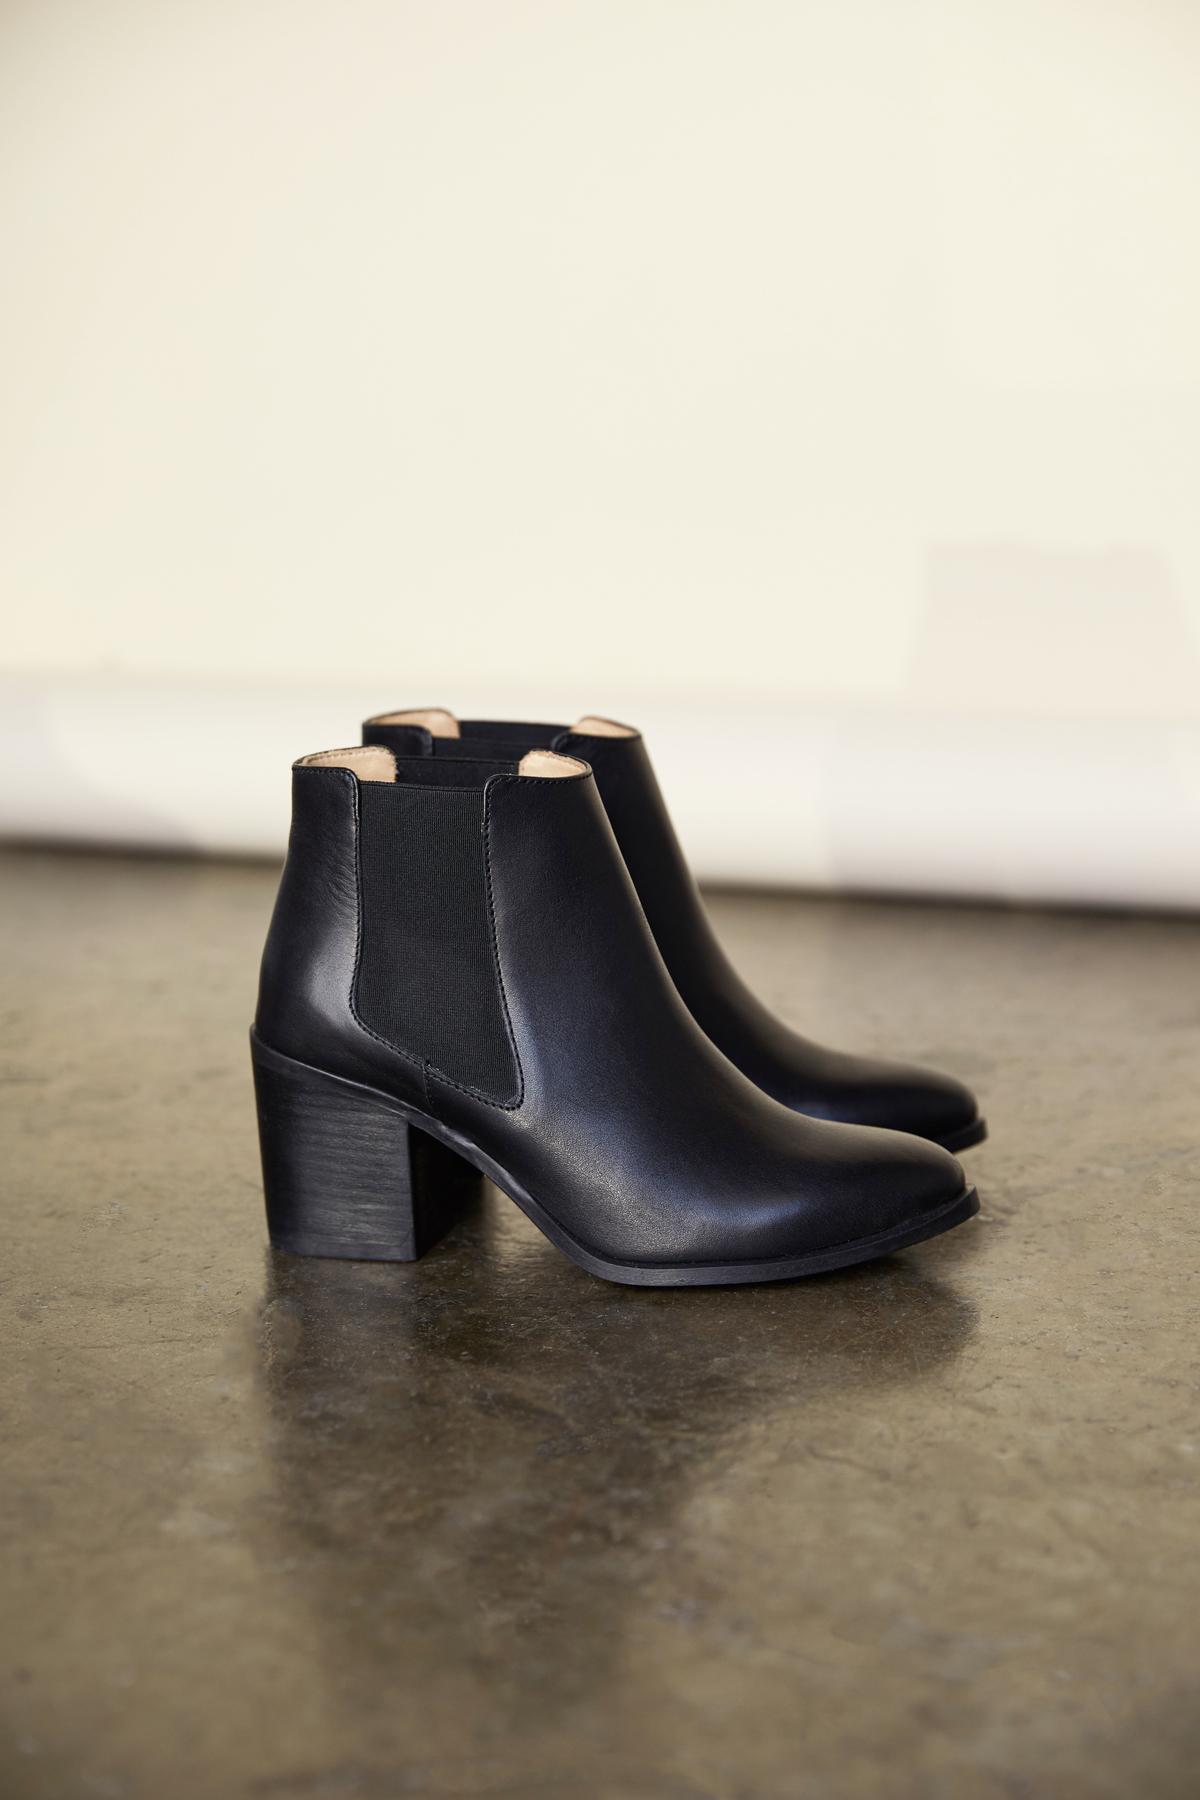 black high heel chelsea boots